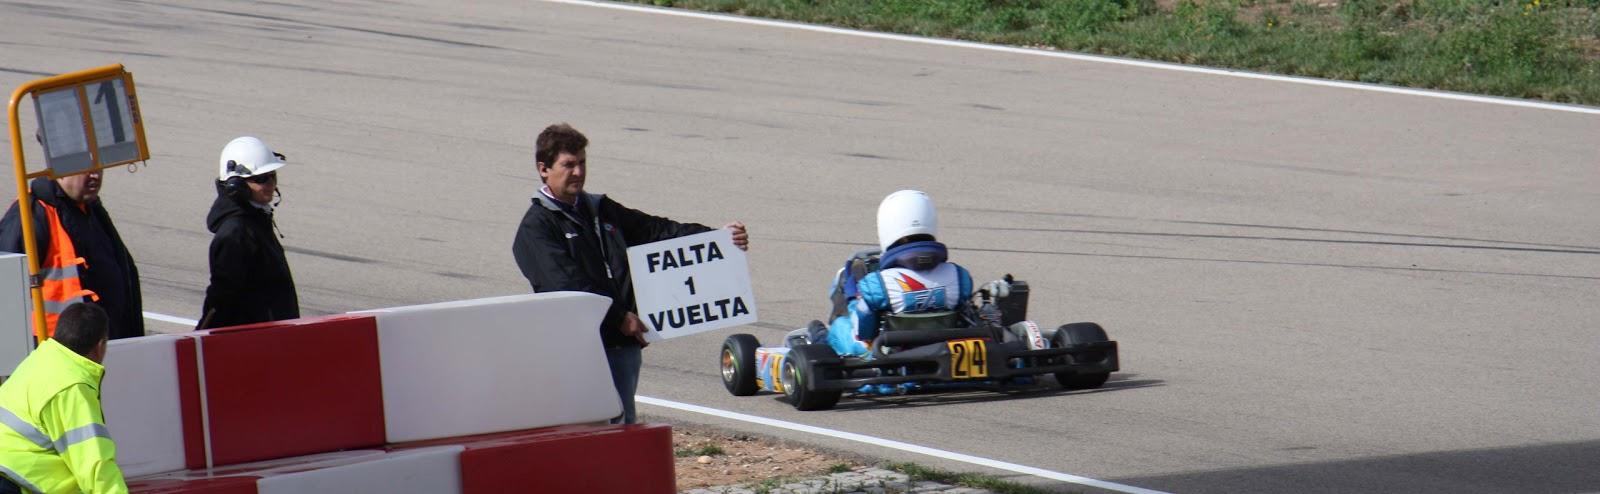 Jon del Valle Iturriaga: del karting a la F1: noviembre 2010